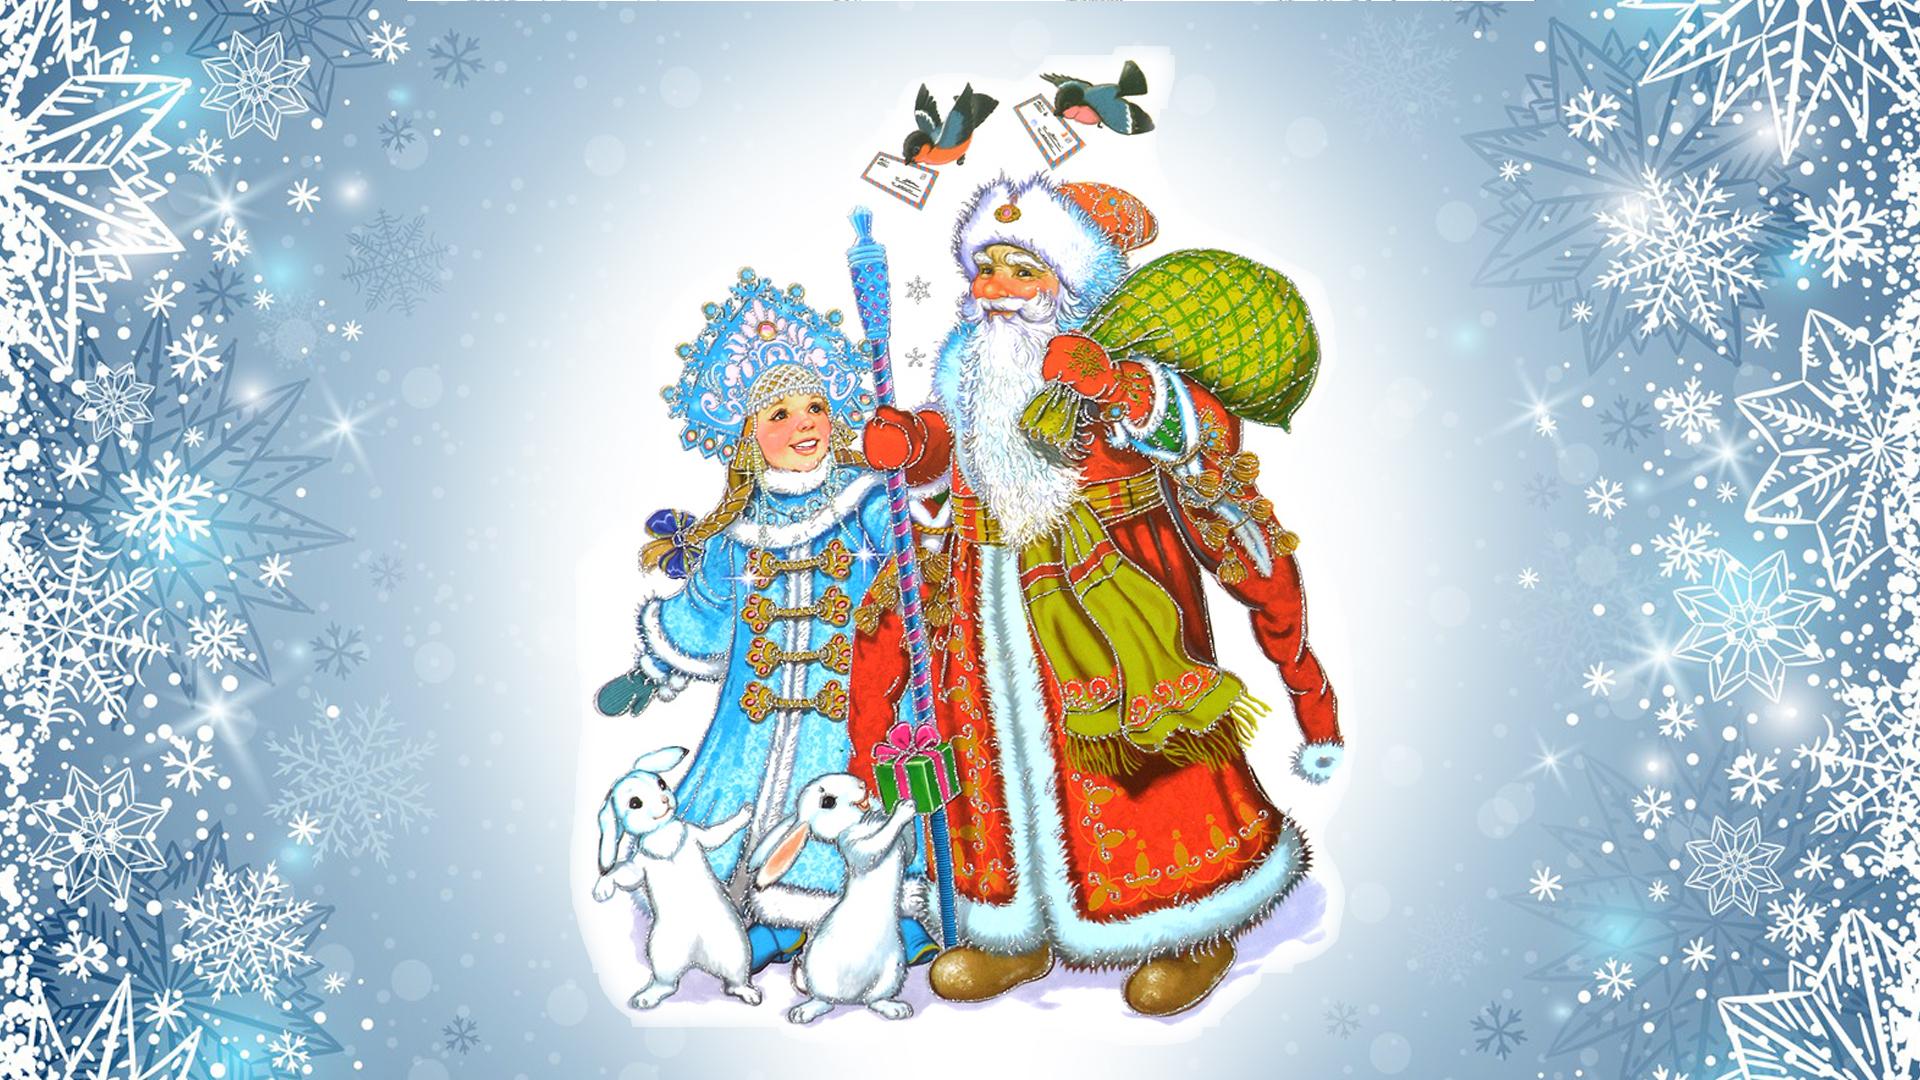 من هي مرافقة بابا نويل الروسي في حفلاته؟